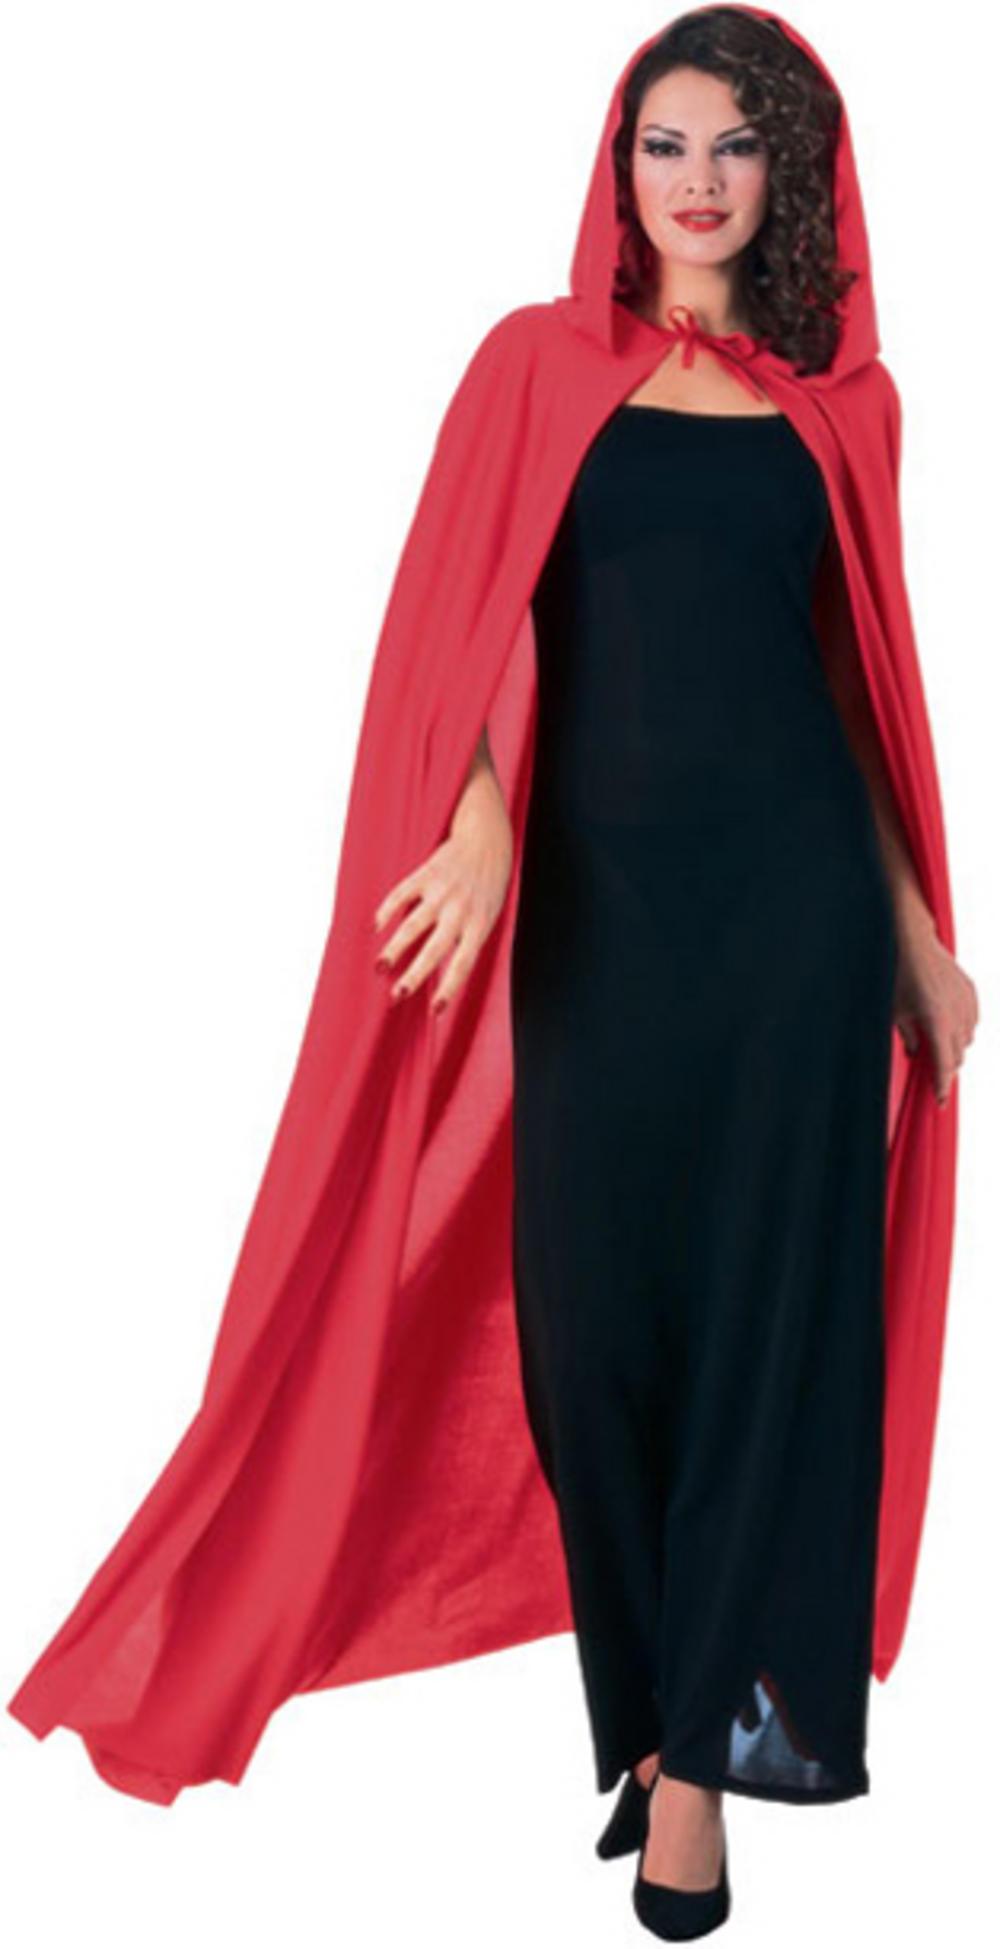 Red Full Length Hooded Cape